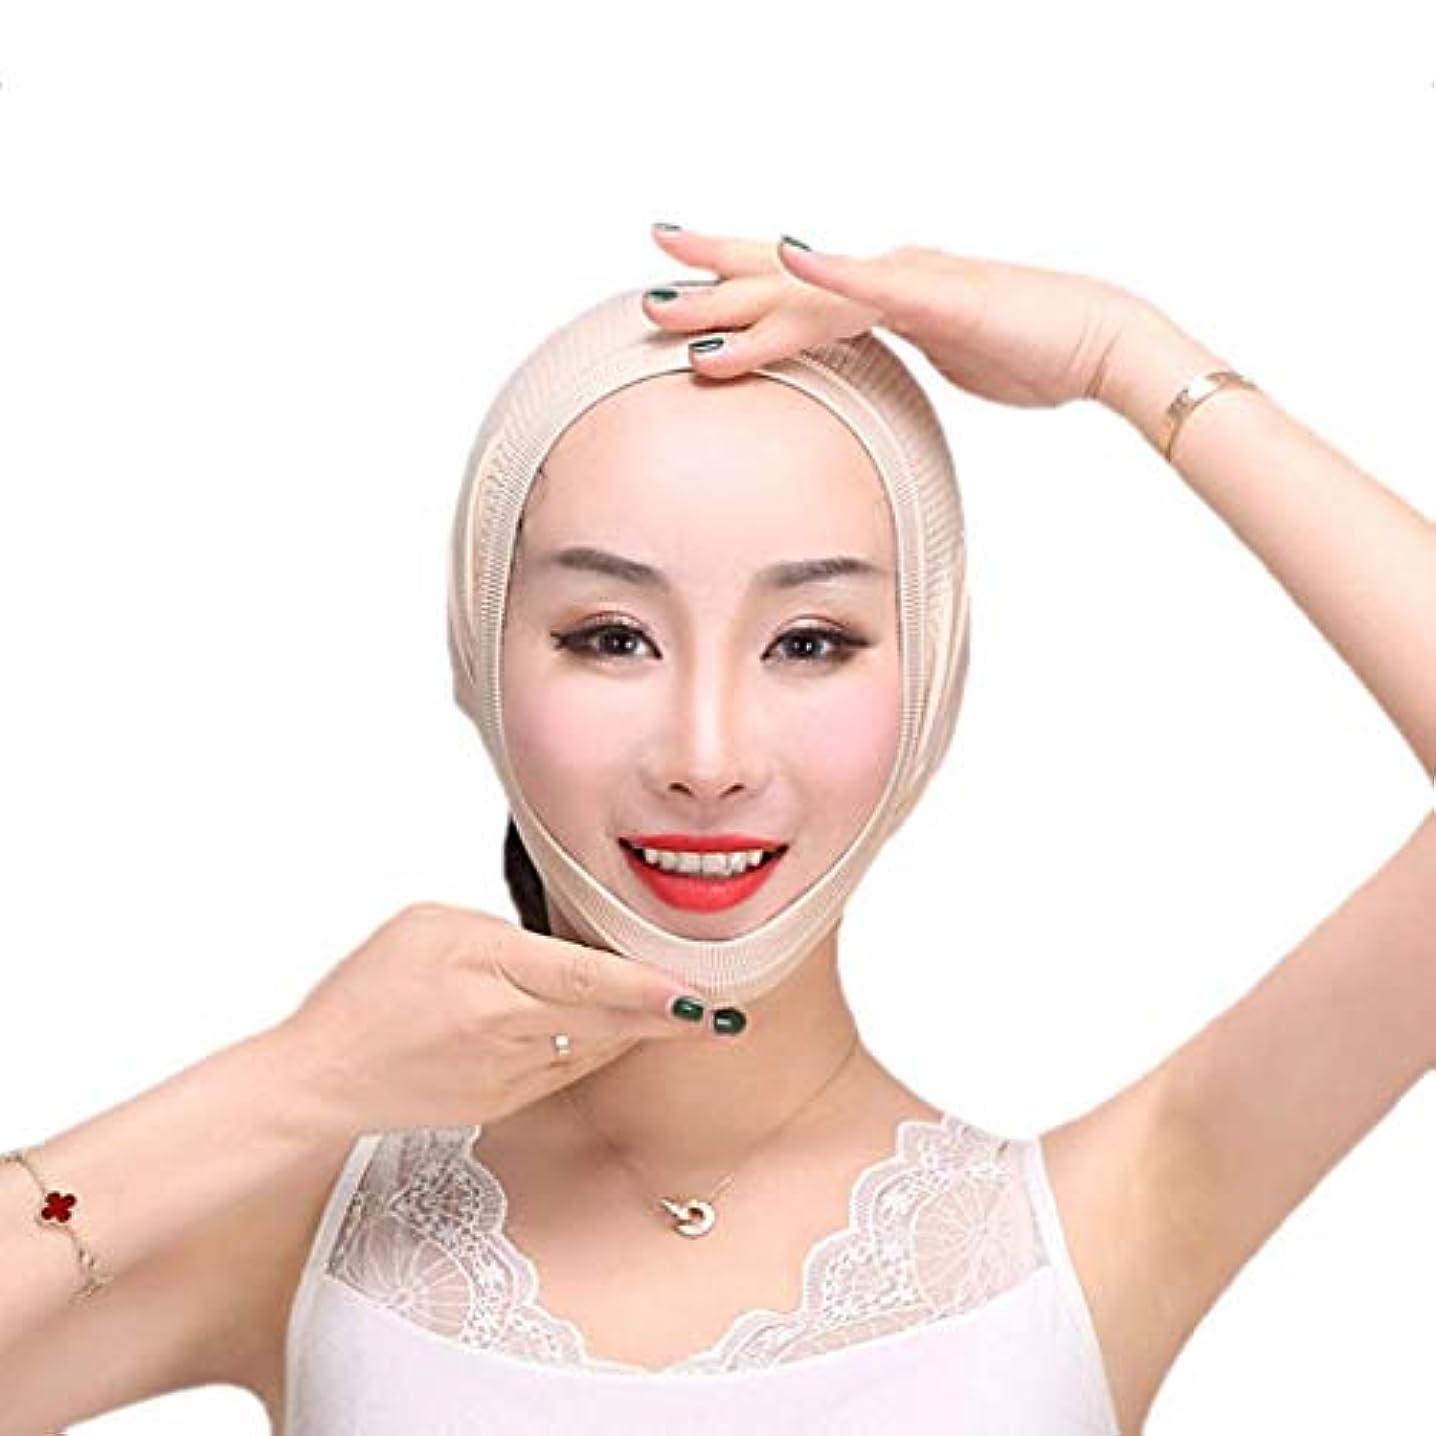 サイレンジョージハンブリー促進するフェイスリフトマスク、フェイススリミングマスク、チンストラップ、フェイスマッサージ、フェイシャル減量マスク、チンリフティングベルト(ワンサイズ)